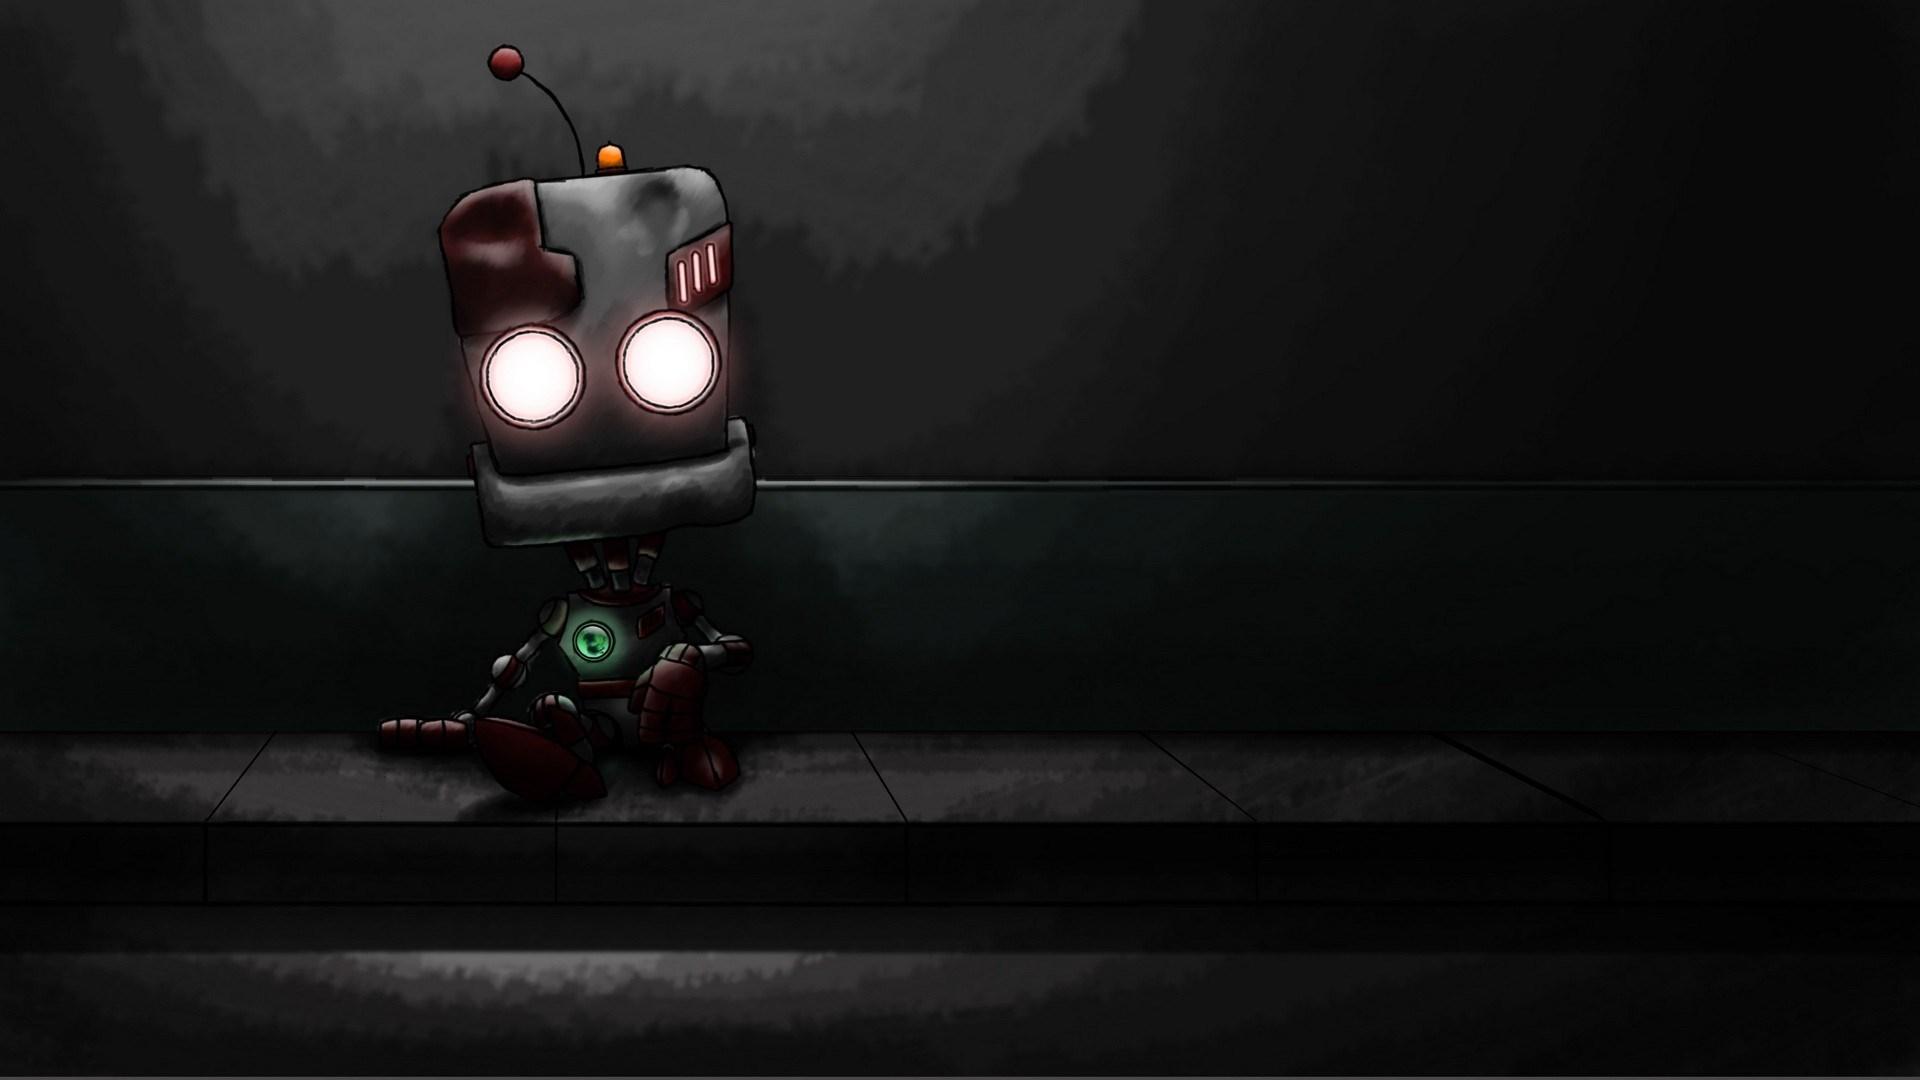 Robot Art Cartoon